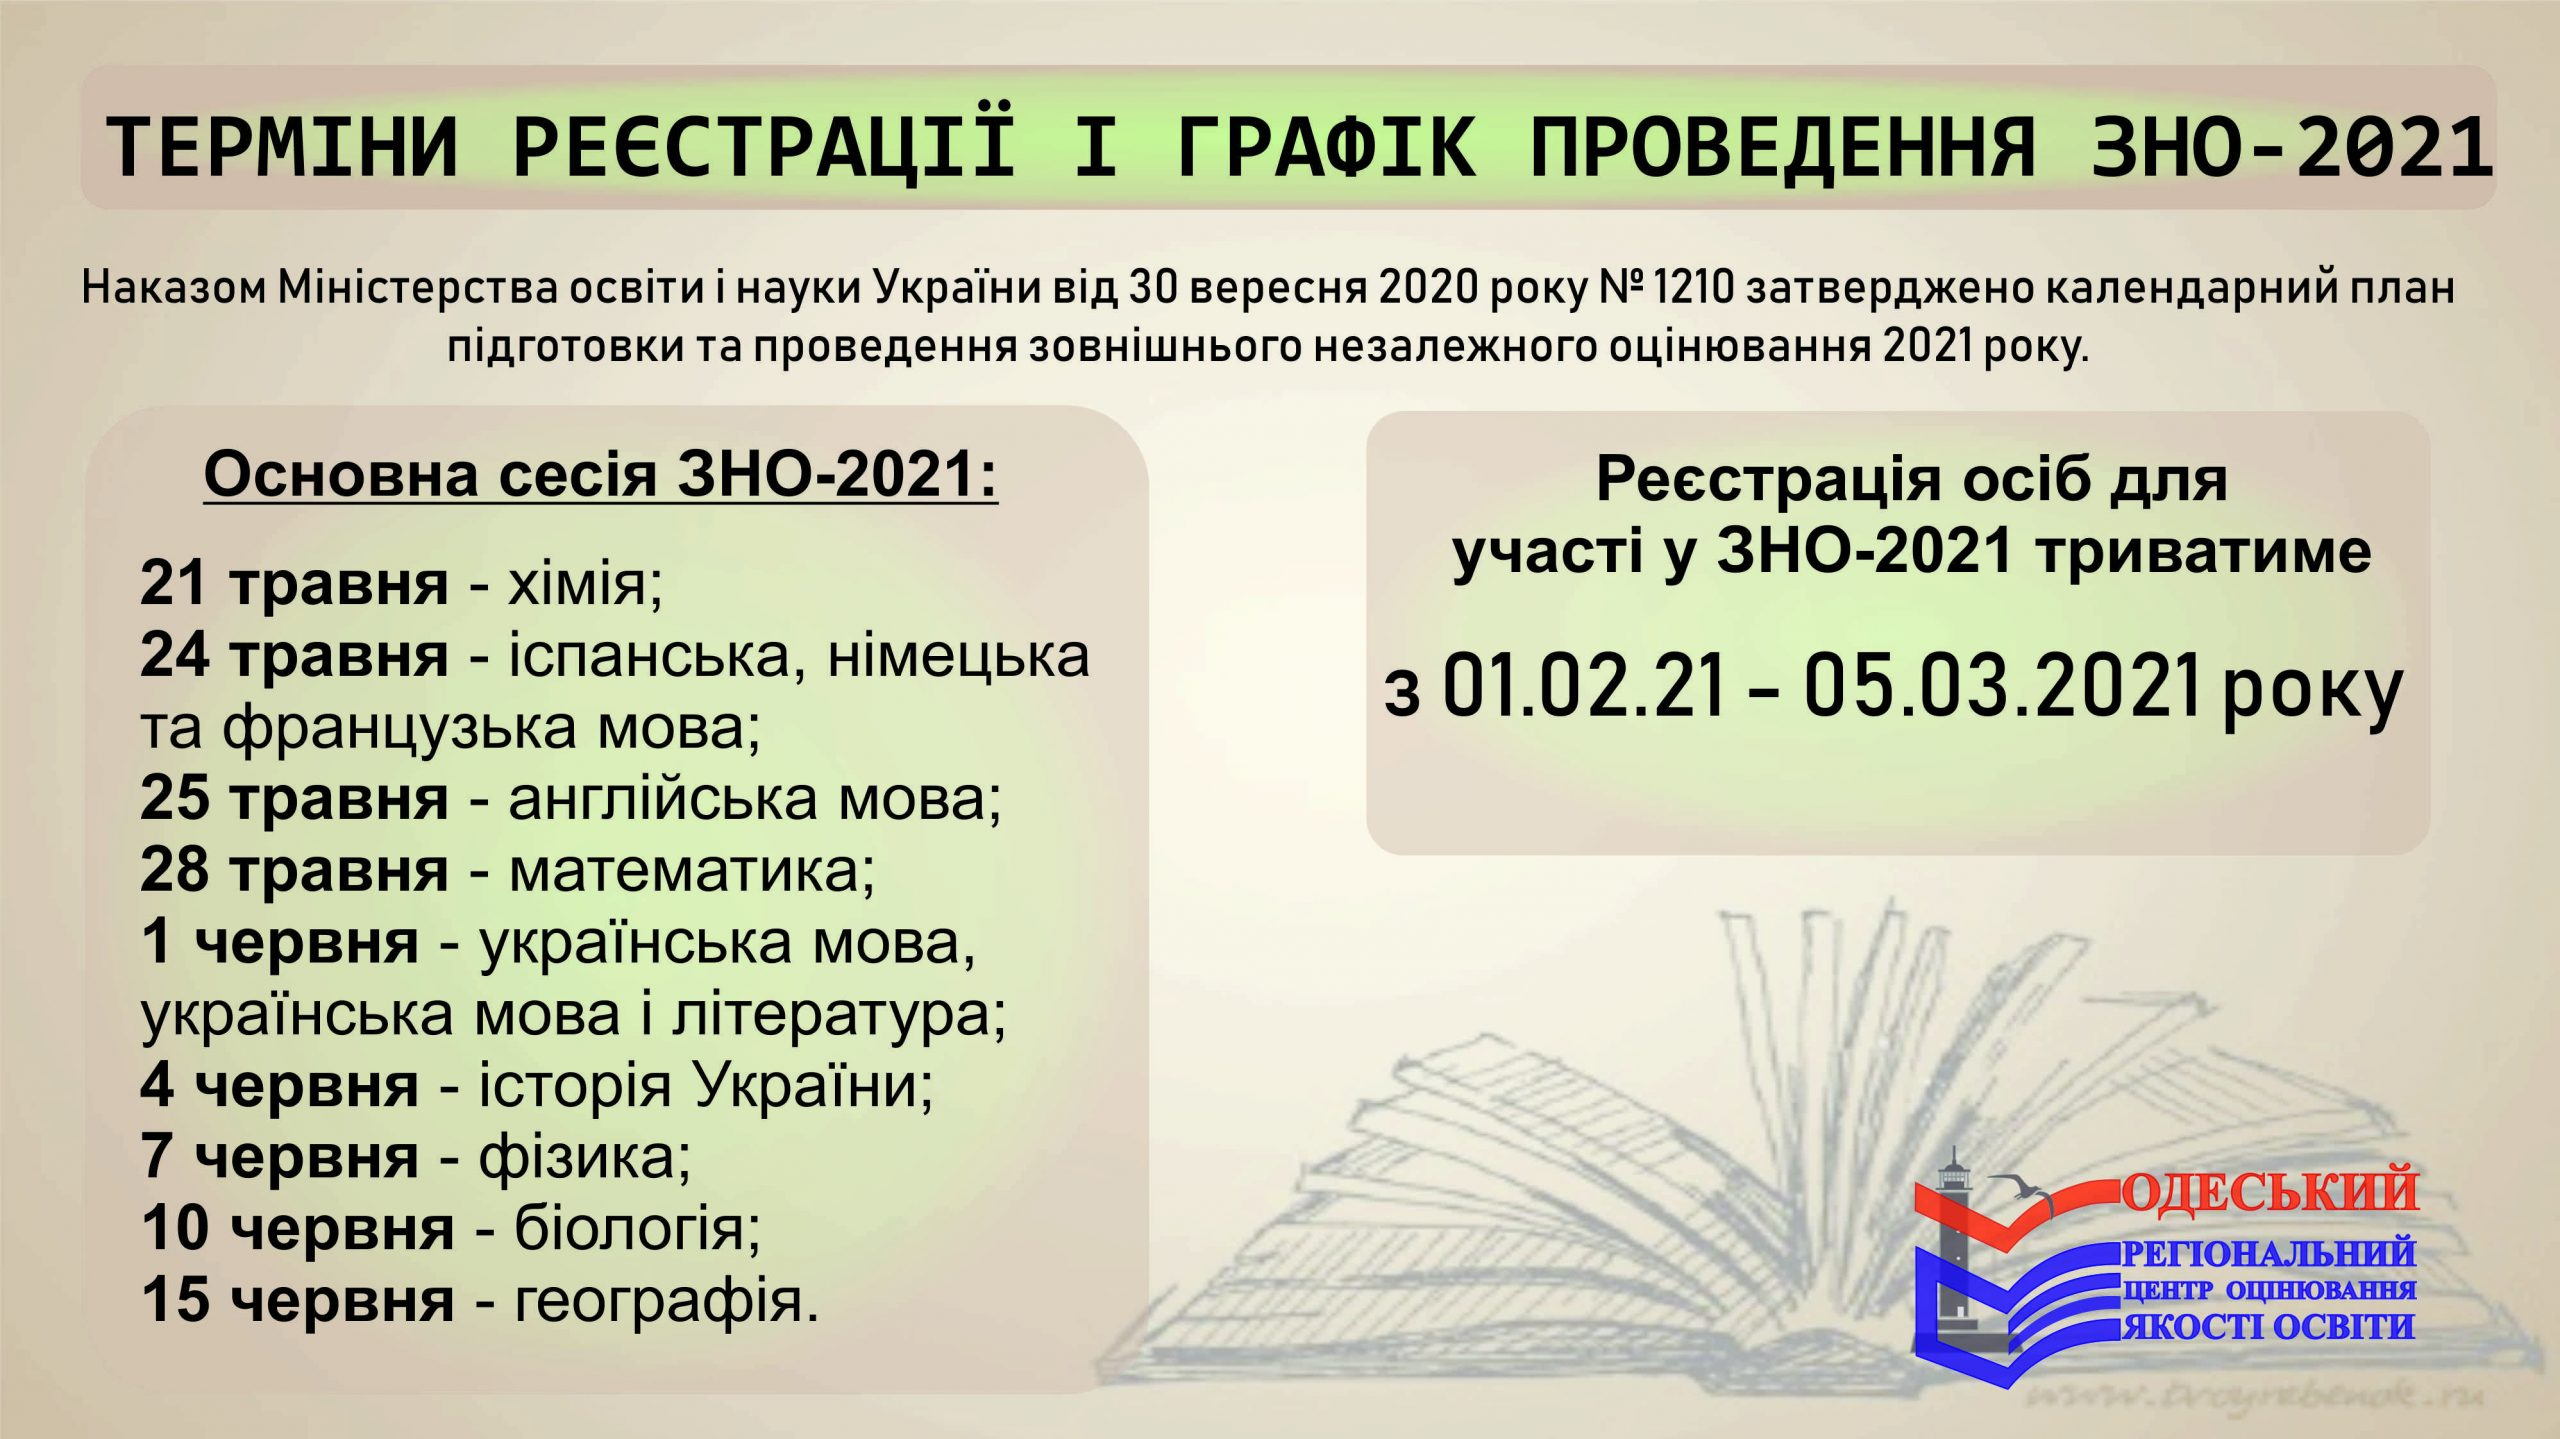 vazhlivo-dlya-vipusknikiv-11-kh-klasiv-1q1ui